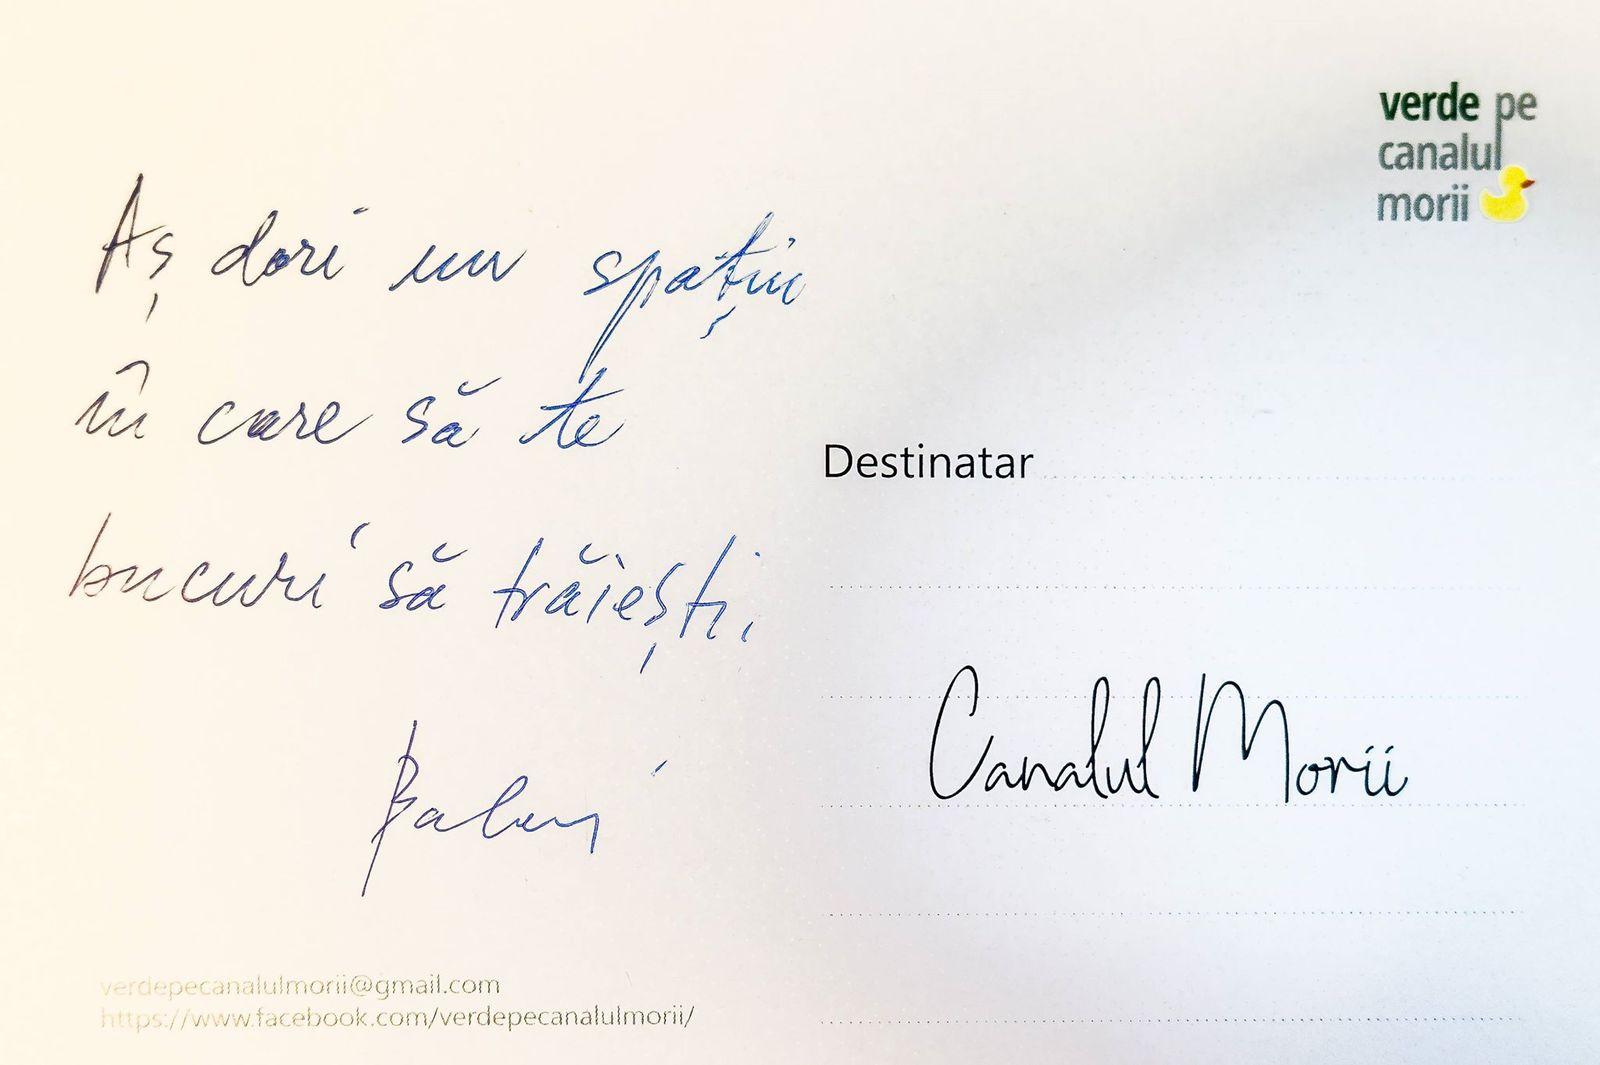 Echipa de voluntari Verde pe Canalul Morii a realizat de curând un sondaj de opinie în zona Parcului Farmec din Mărăști. Locuitorii din zonă au pututscrie sau desena răspunsul lor pe o carte poștală oferită de voluntari.